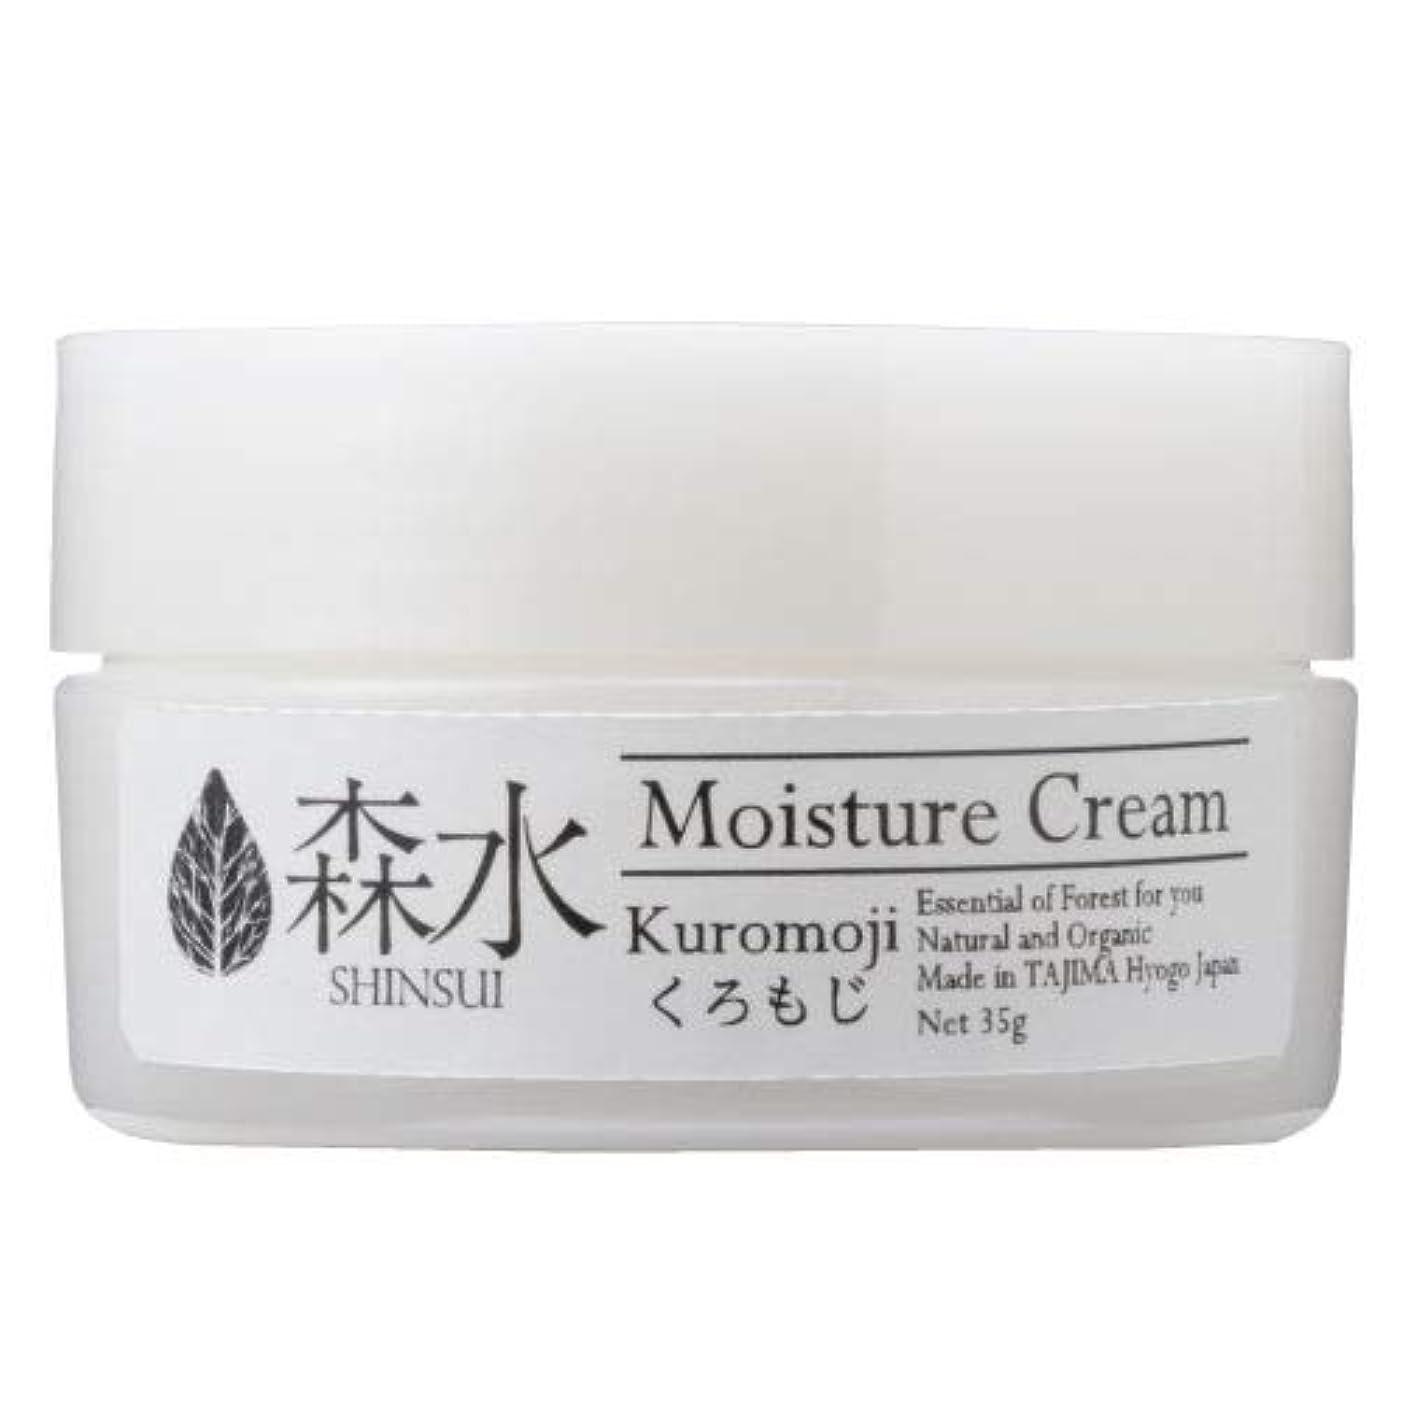 打撃パイロット東森水-SHINSUI シンスイ-くろもじクリーム(Kuromoji Moisture Cream)35g